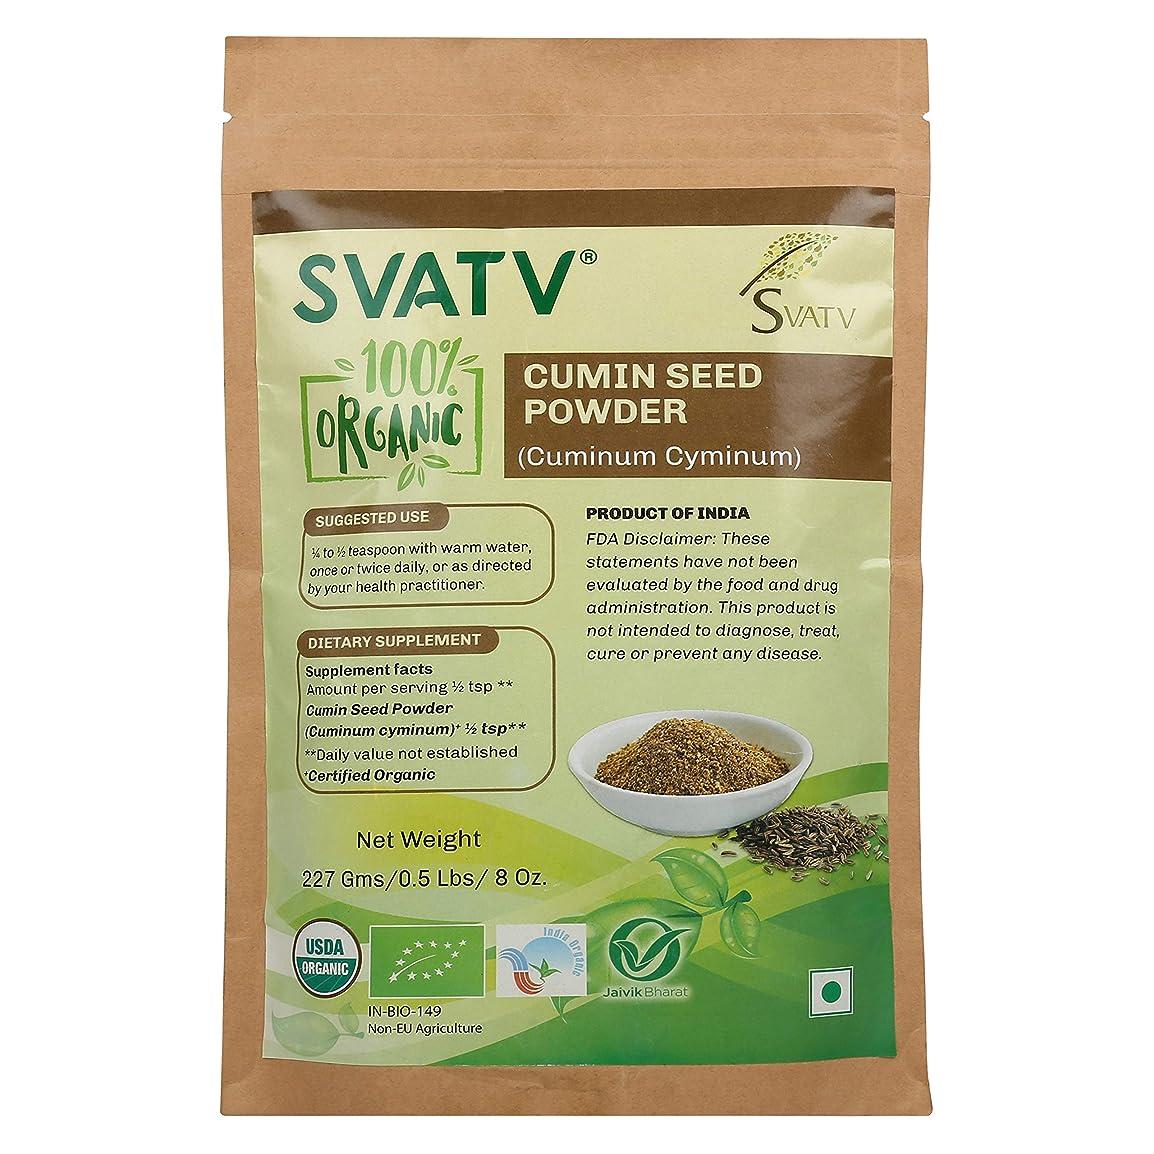 最も早い学習チョコレートSVATVクミンシードパウダー(Cuminum Cyminum)1/2 LB、08オンス、227g USDA/EU認証 - ジップロックポーチ、サプリメント用食品グレードハーブ